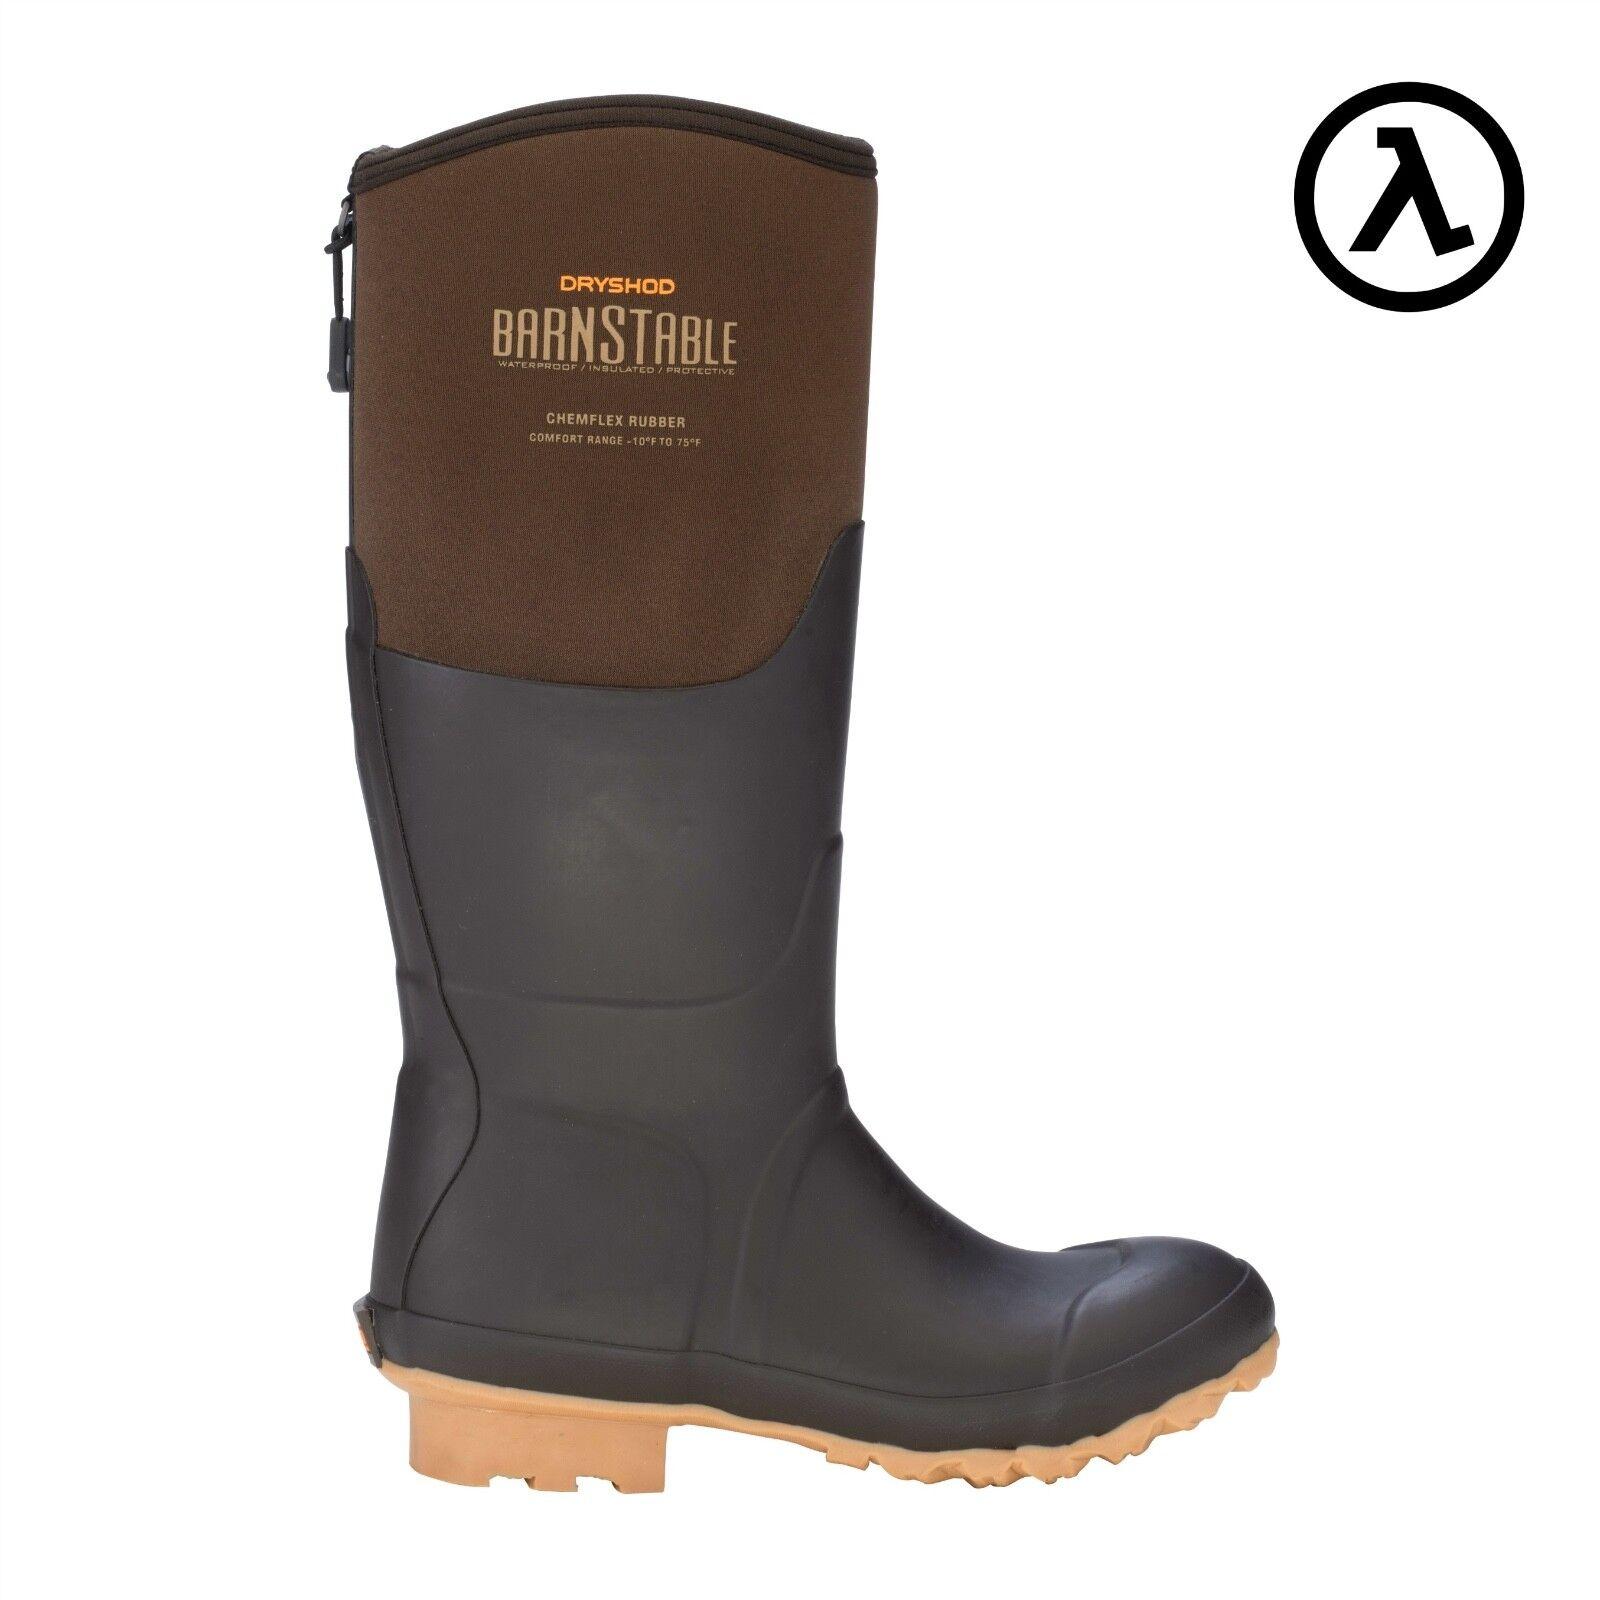 Dryshod Barnstable para mujer botas todas las condiciones de la granja BSB-WH-br-todos Los Tamaños